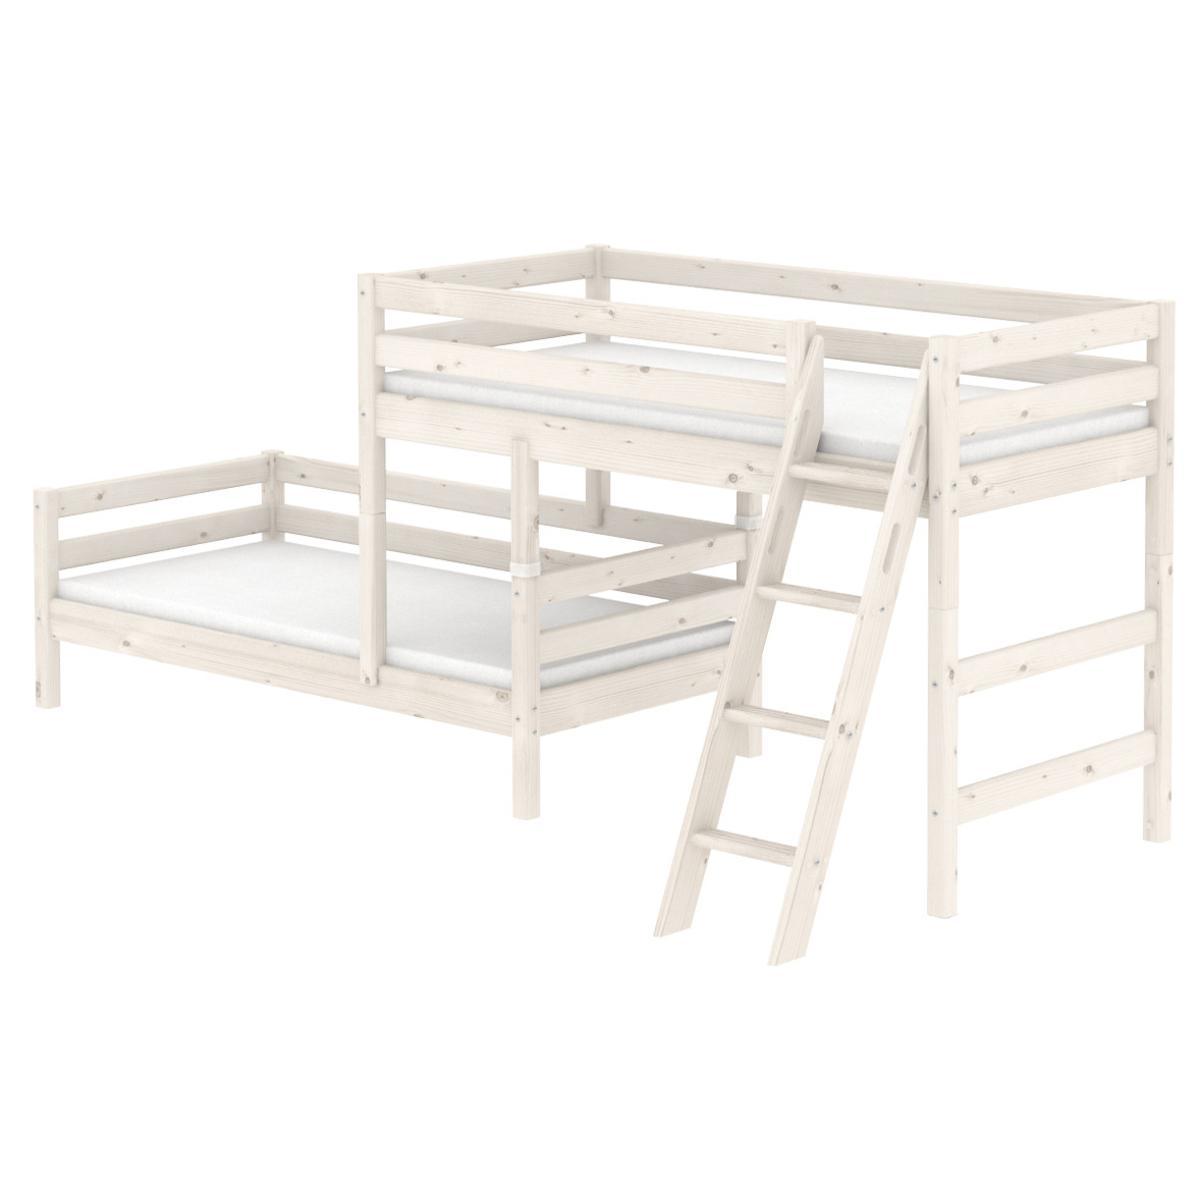 Halbhohes Bett + Einzelbett 90x200 cm + Schrägleiter by Flexa whitewash